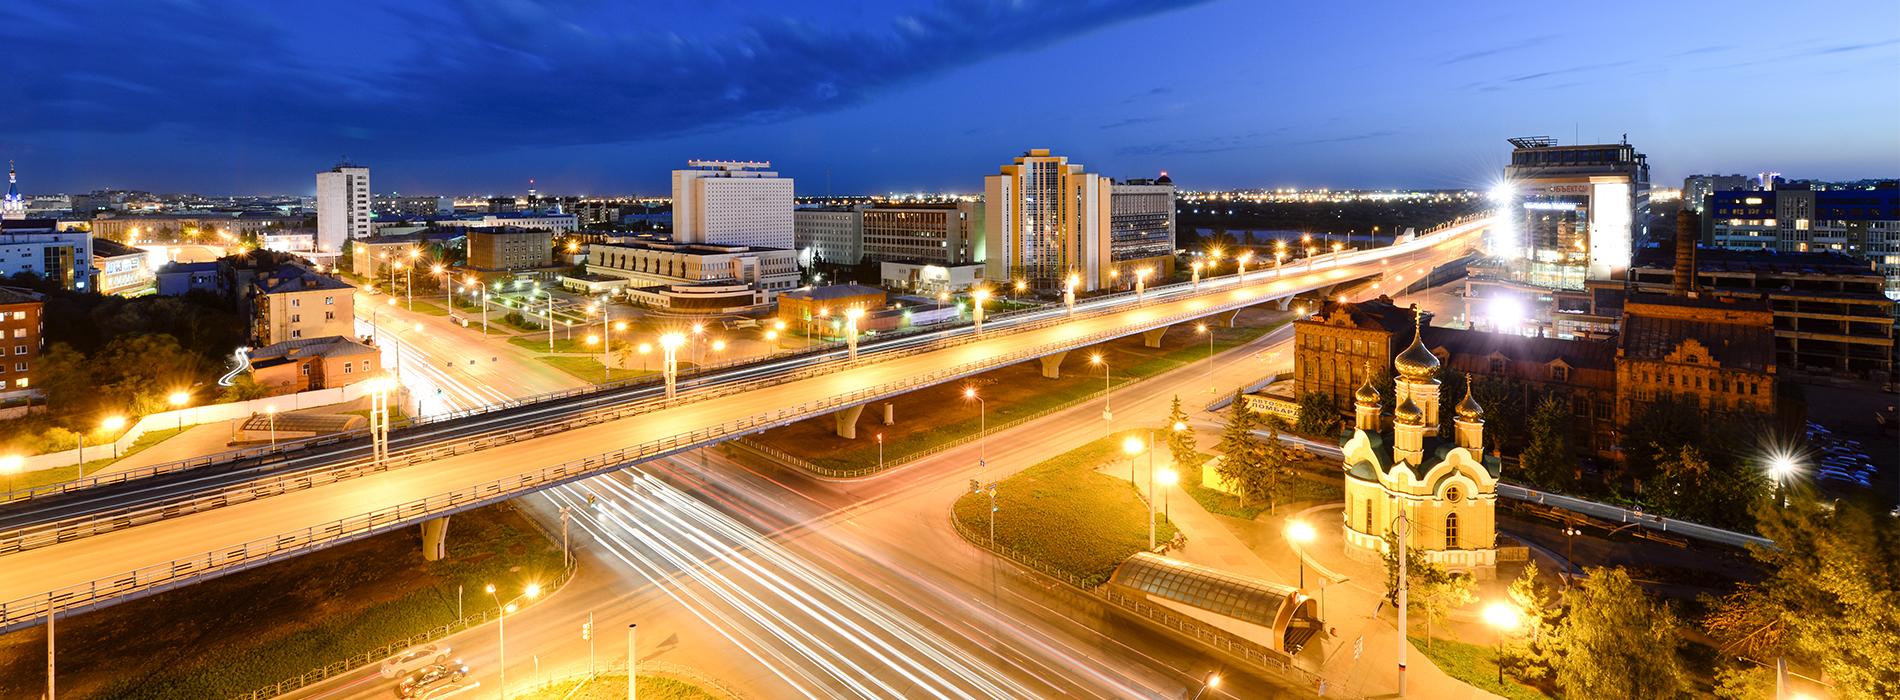 Авиабилеты Владикавказ — Омск, купить билеты на самолет туда и обратно, цены и расписание рейсов